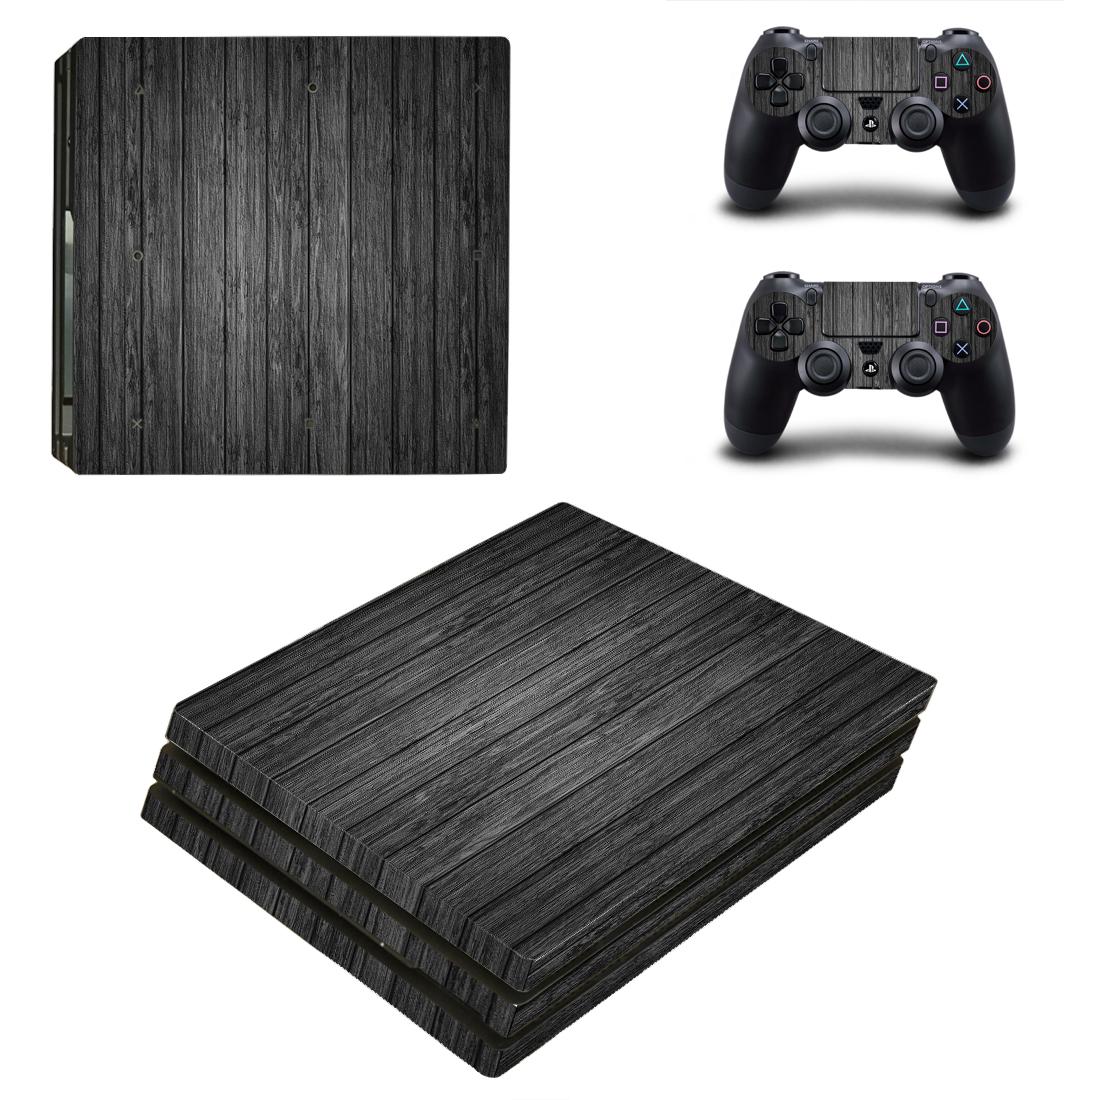 PS4PRO机身贴纸PS4防刮防水防尘动漫彩图PS4pro静电贴送摇杆帽11